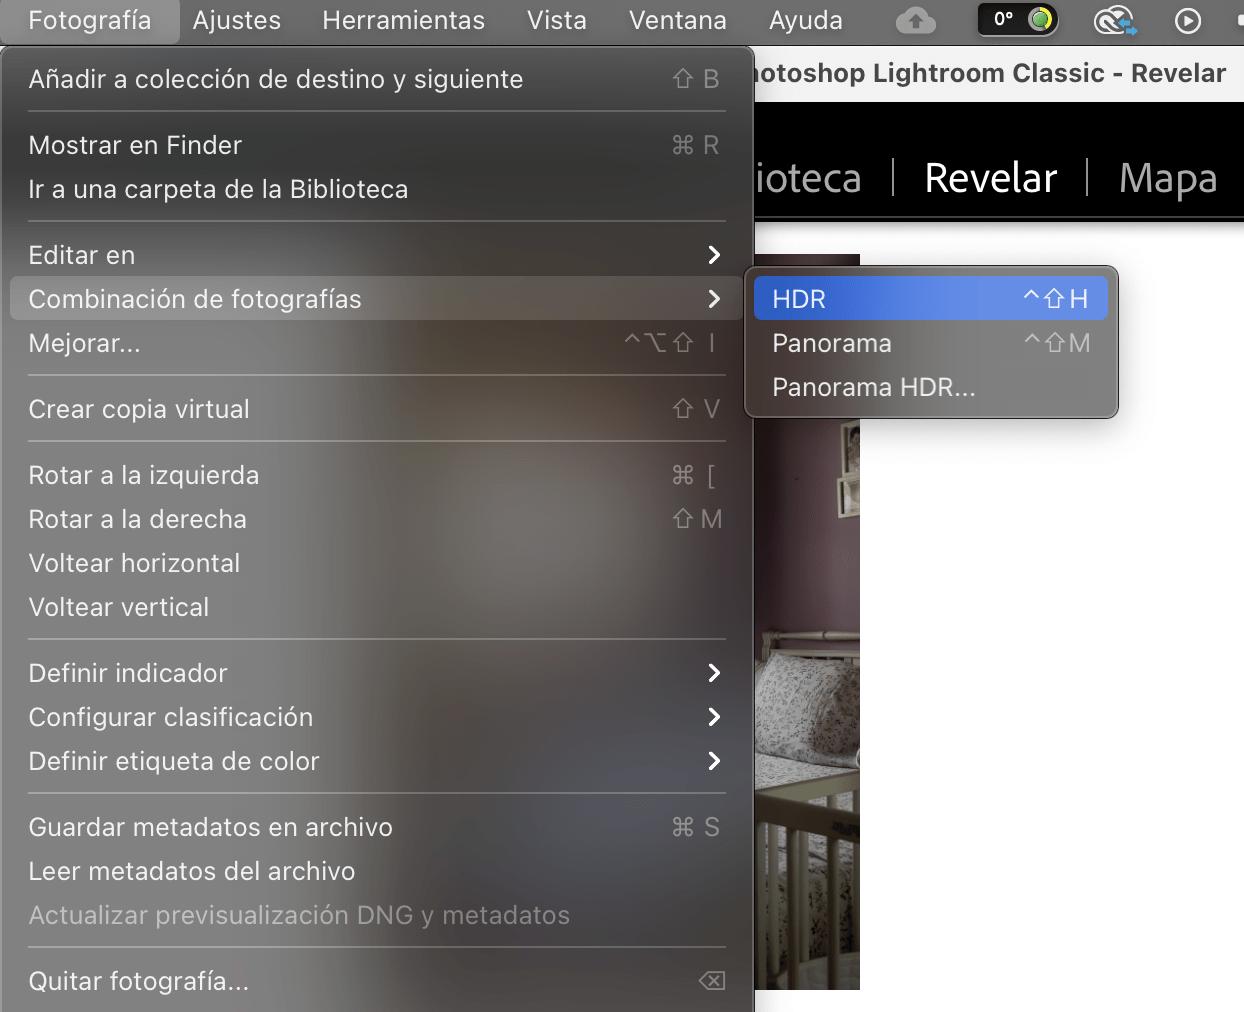 Captura de pantalla de laruta para realizar un bracketing de exposición en Lightroom